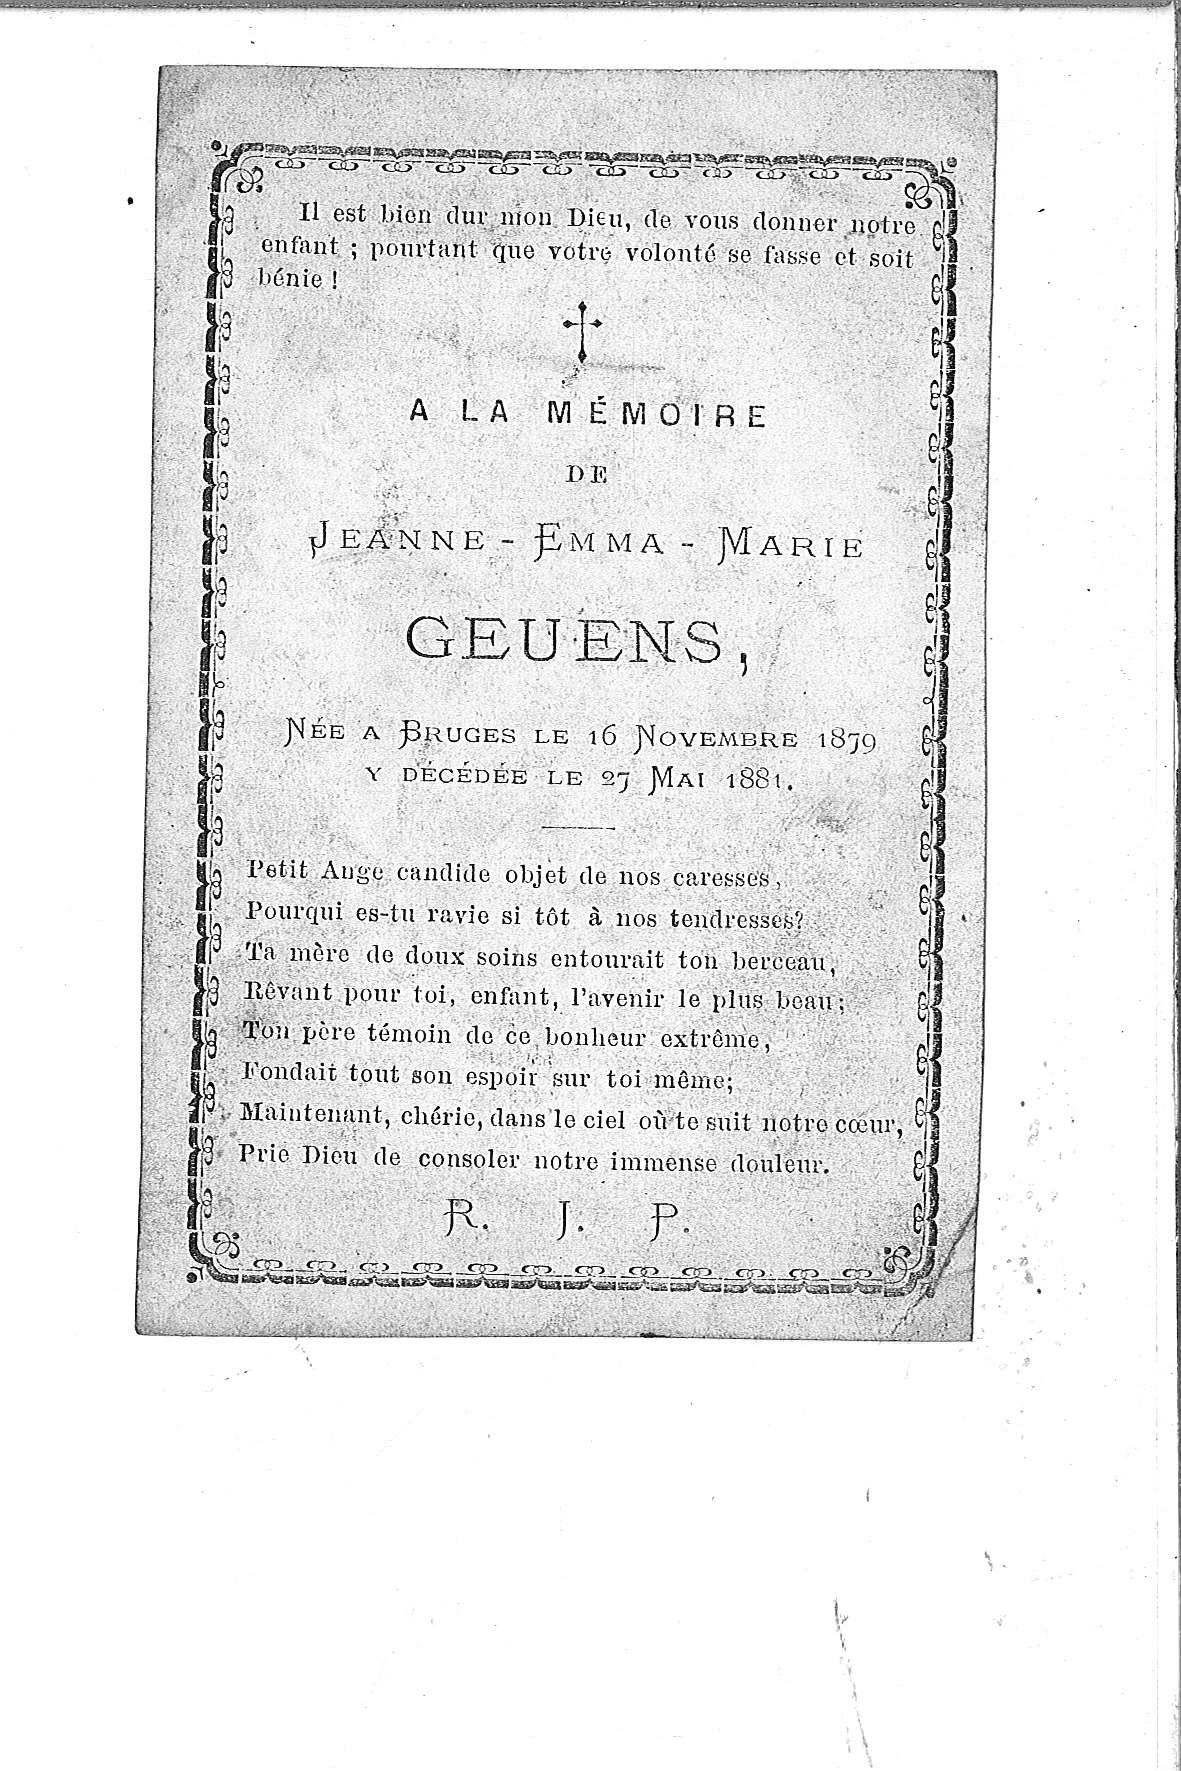 Jeanne - Emma - Marie (1881)20131210144048_00016.jpg